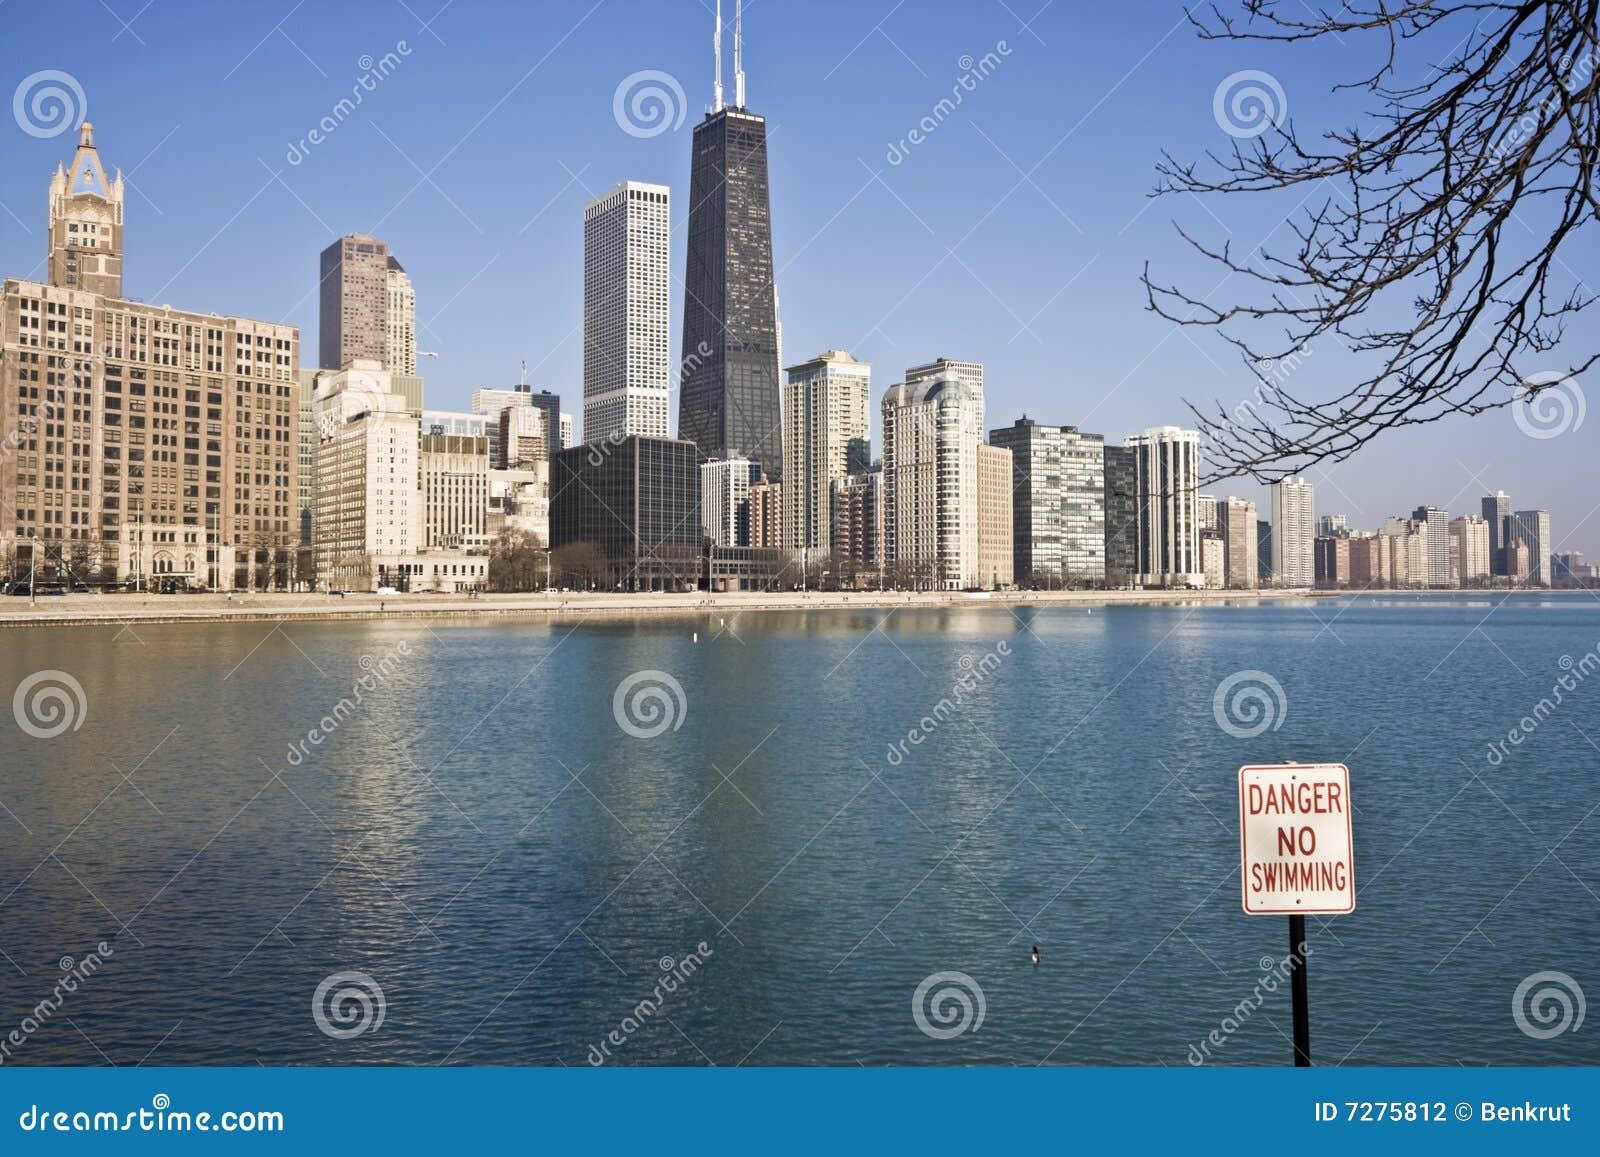 Ninguna natación en Chicago